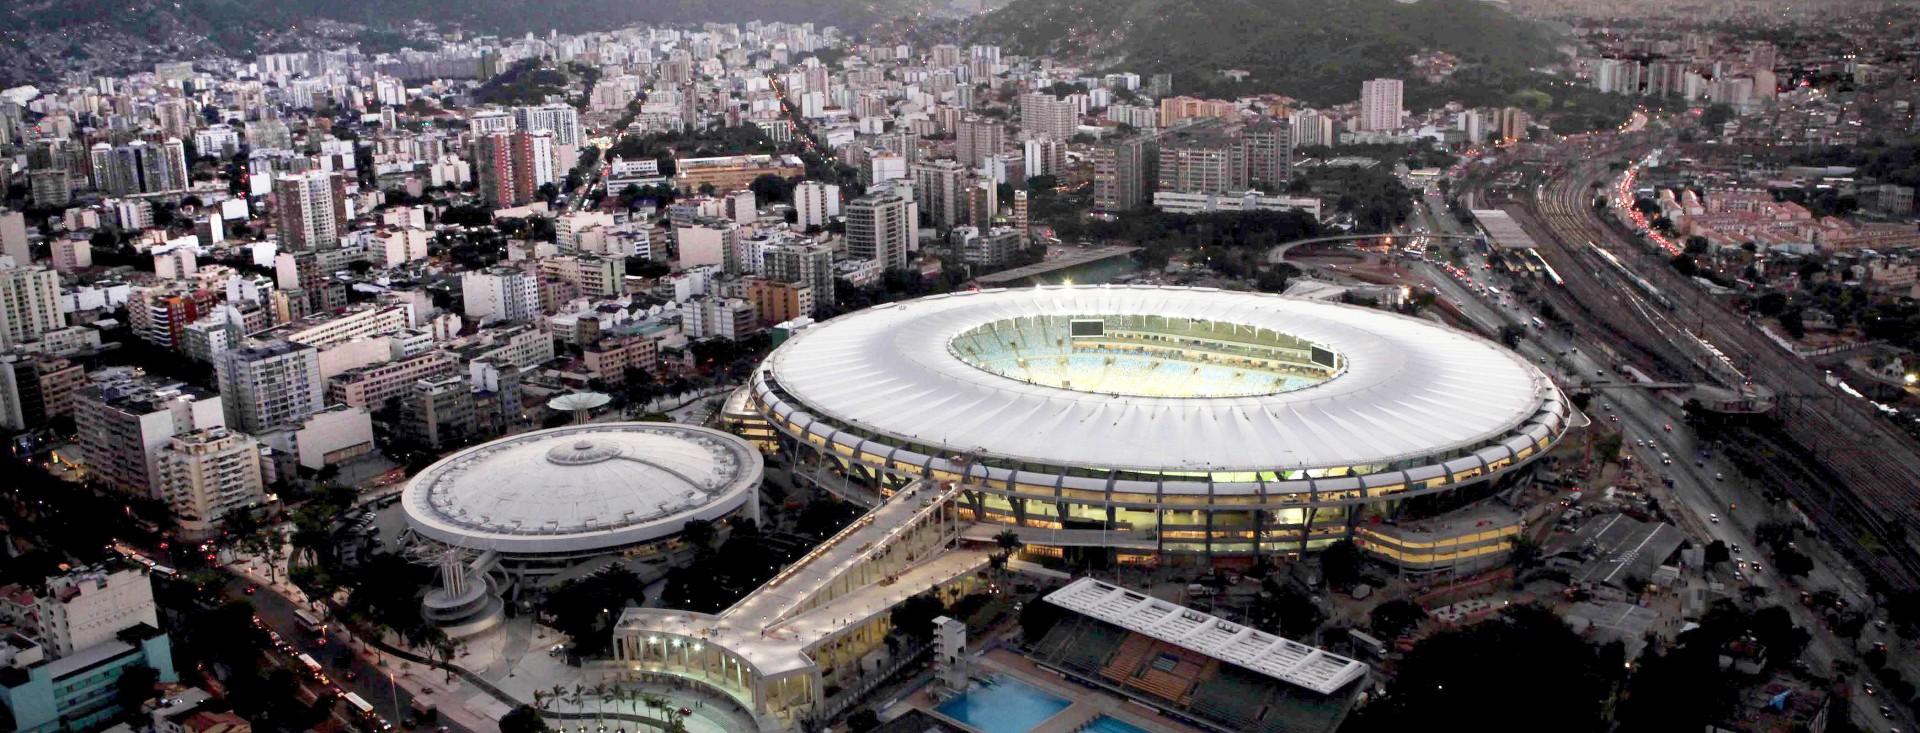 Maracanã foi construído entre 1948 e 1950 e consumiu 80 mil m³ de concreto. Em 2014, passou por uma ampla reforma Crédito: Governo do Rio de Janeiro